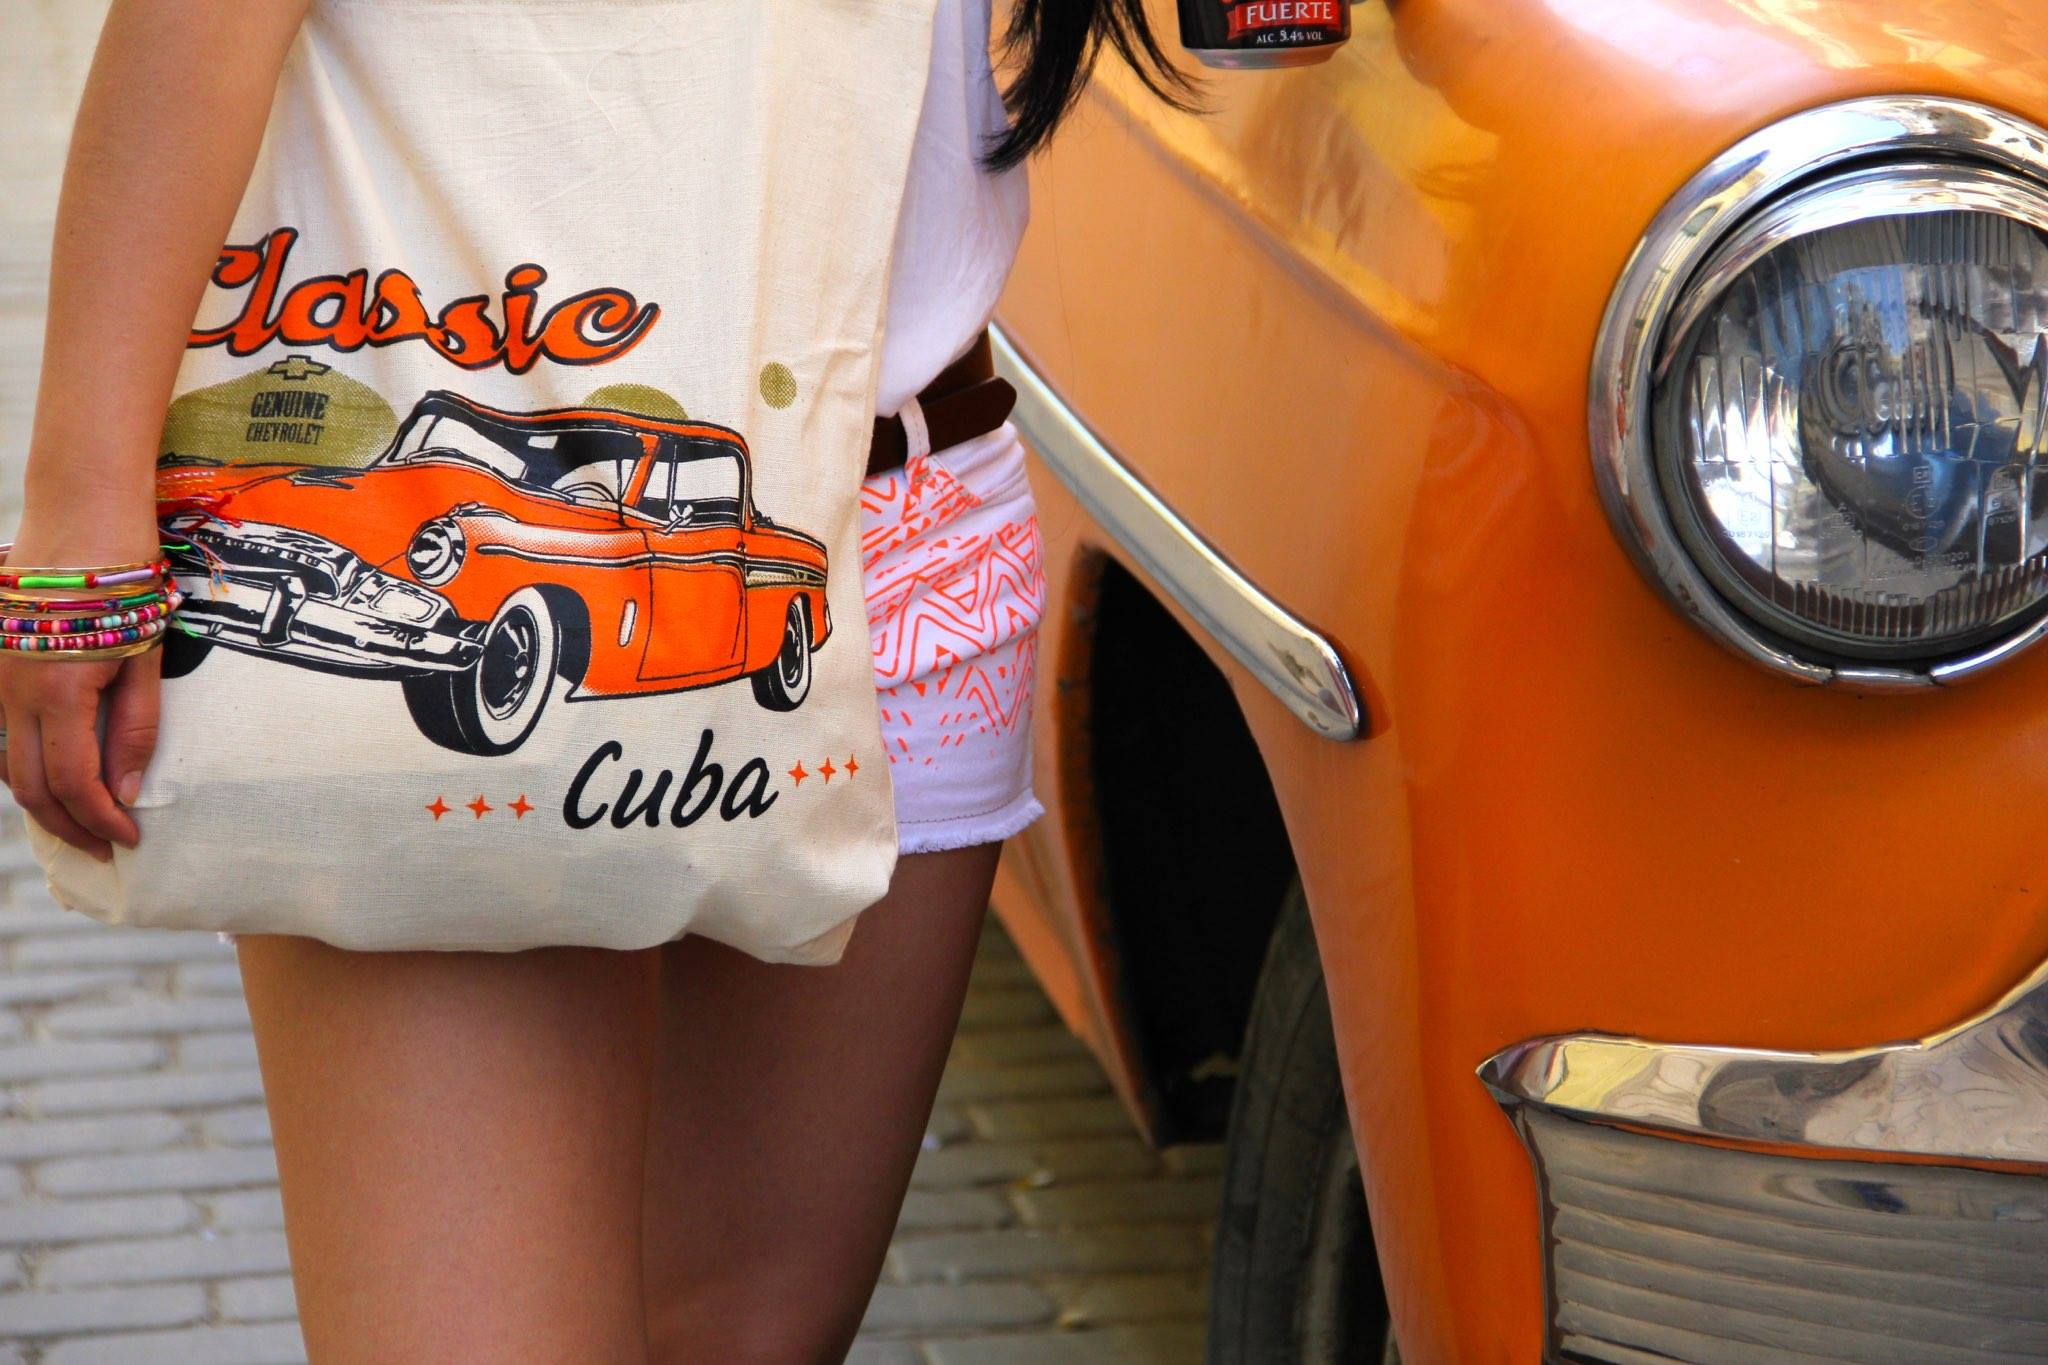 Cuba018